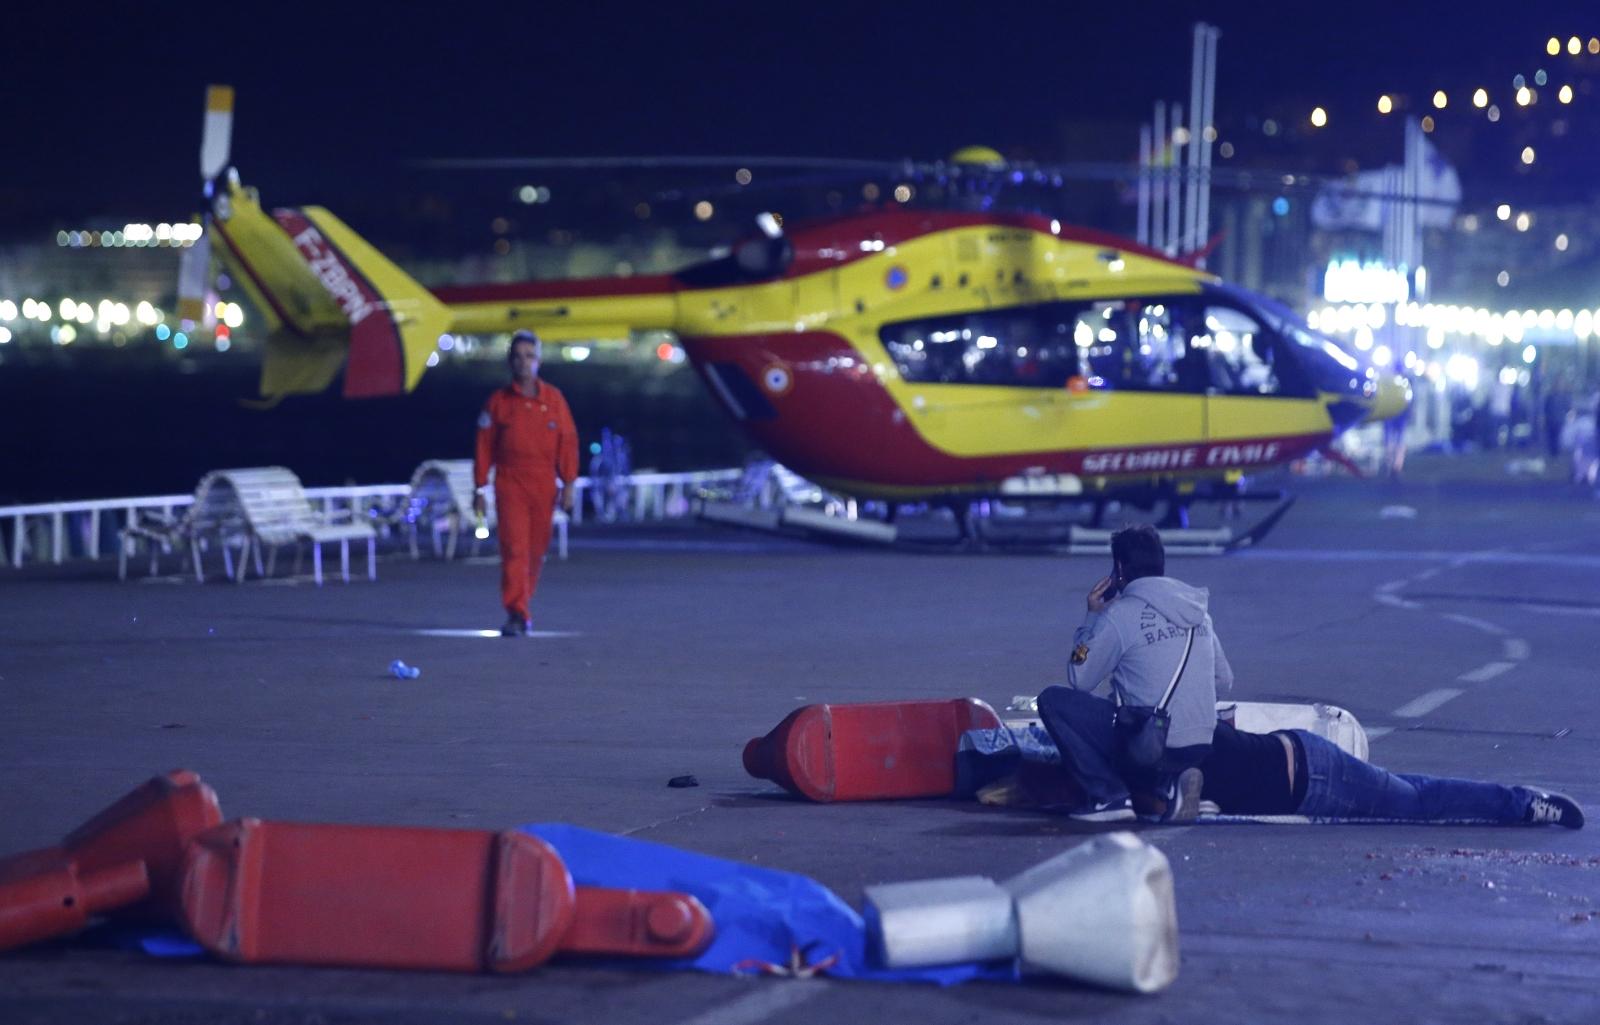 Trei persoane au fost retinute de politistii din Franta, dupa cumplitul atentat terorist din Nisa, soldat cu moartea a cel putin 84 de persoane.